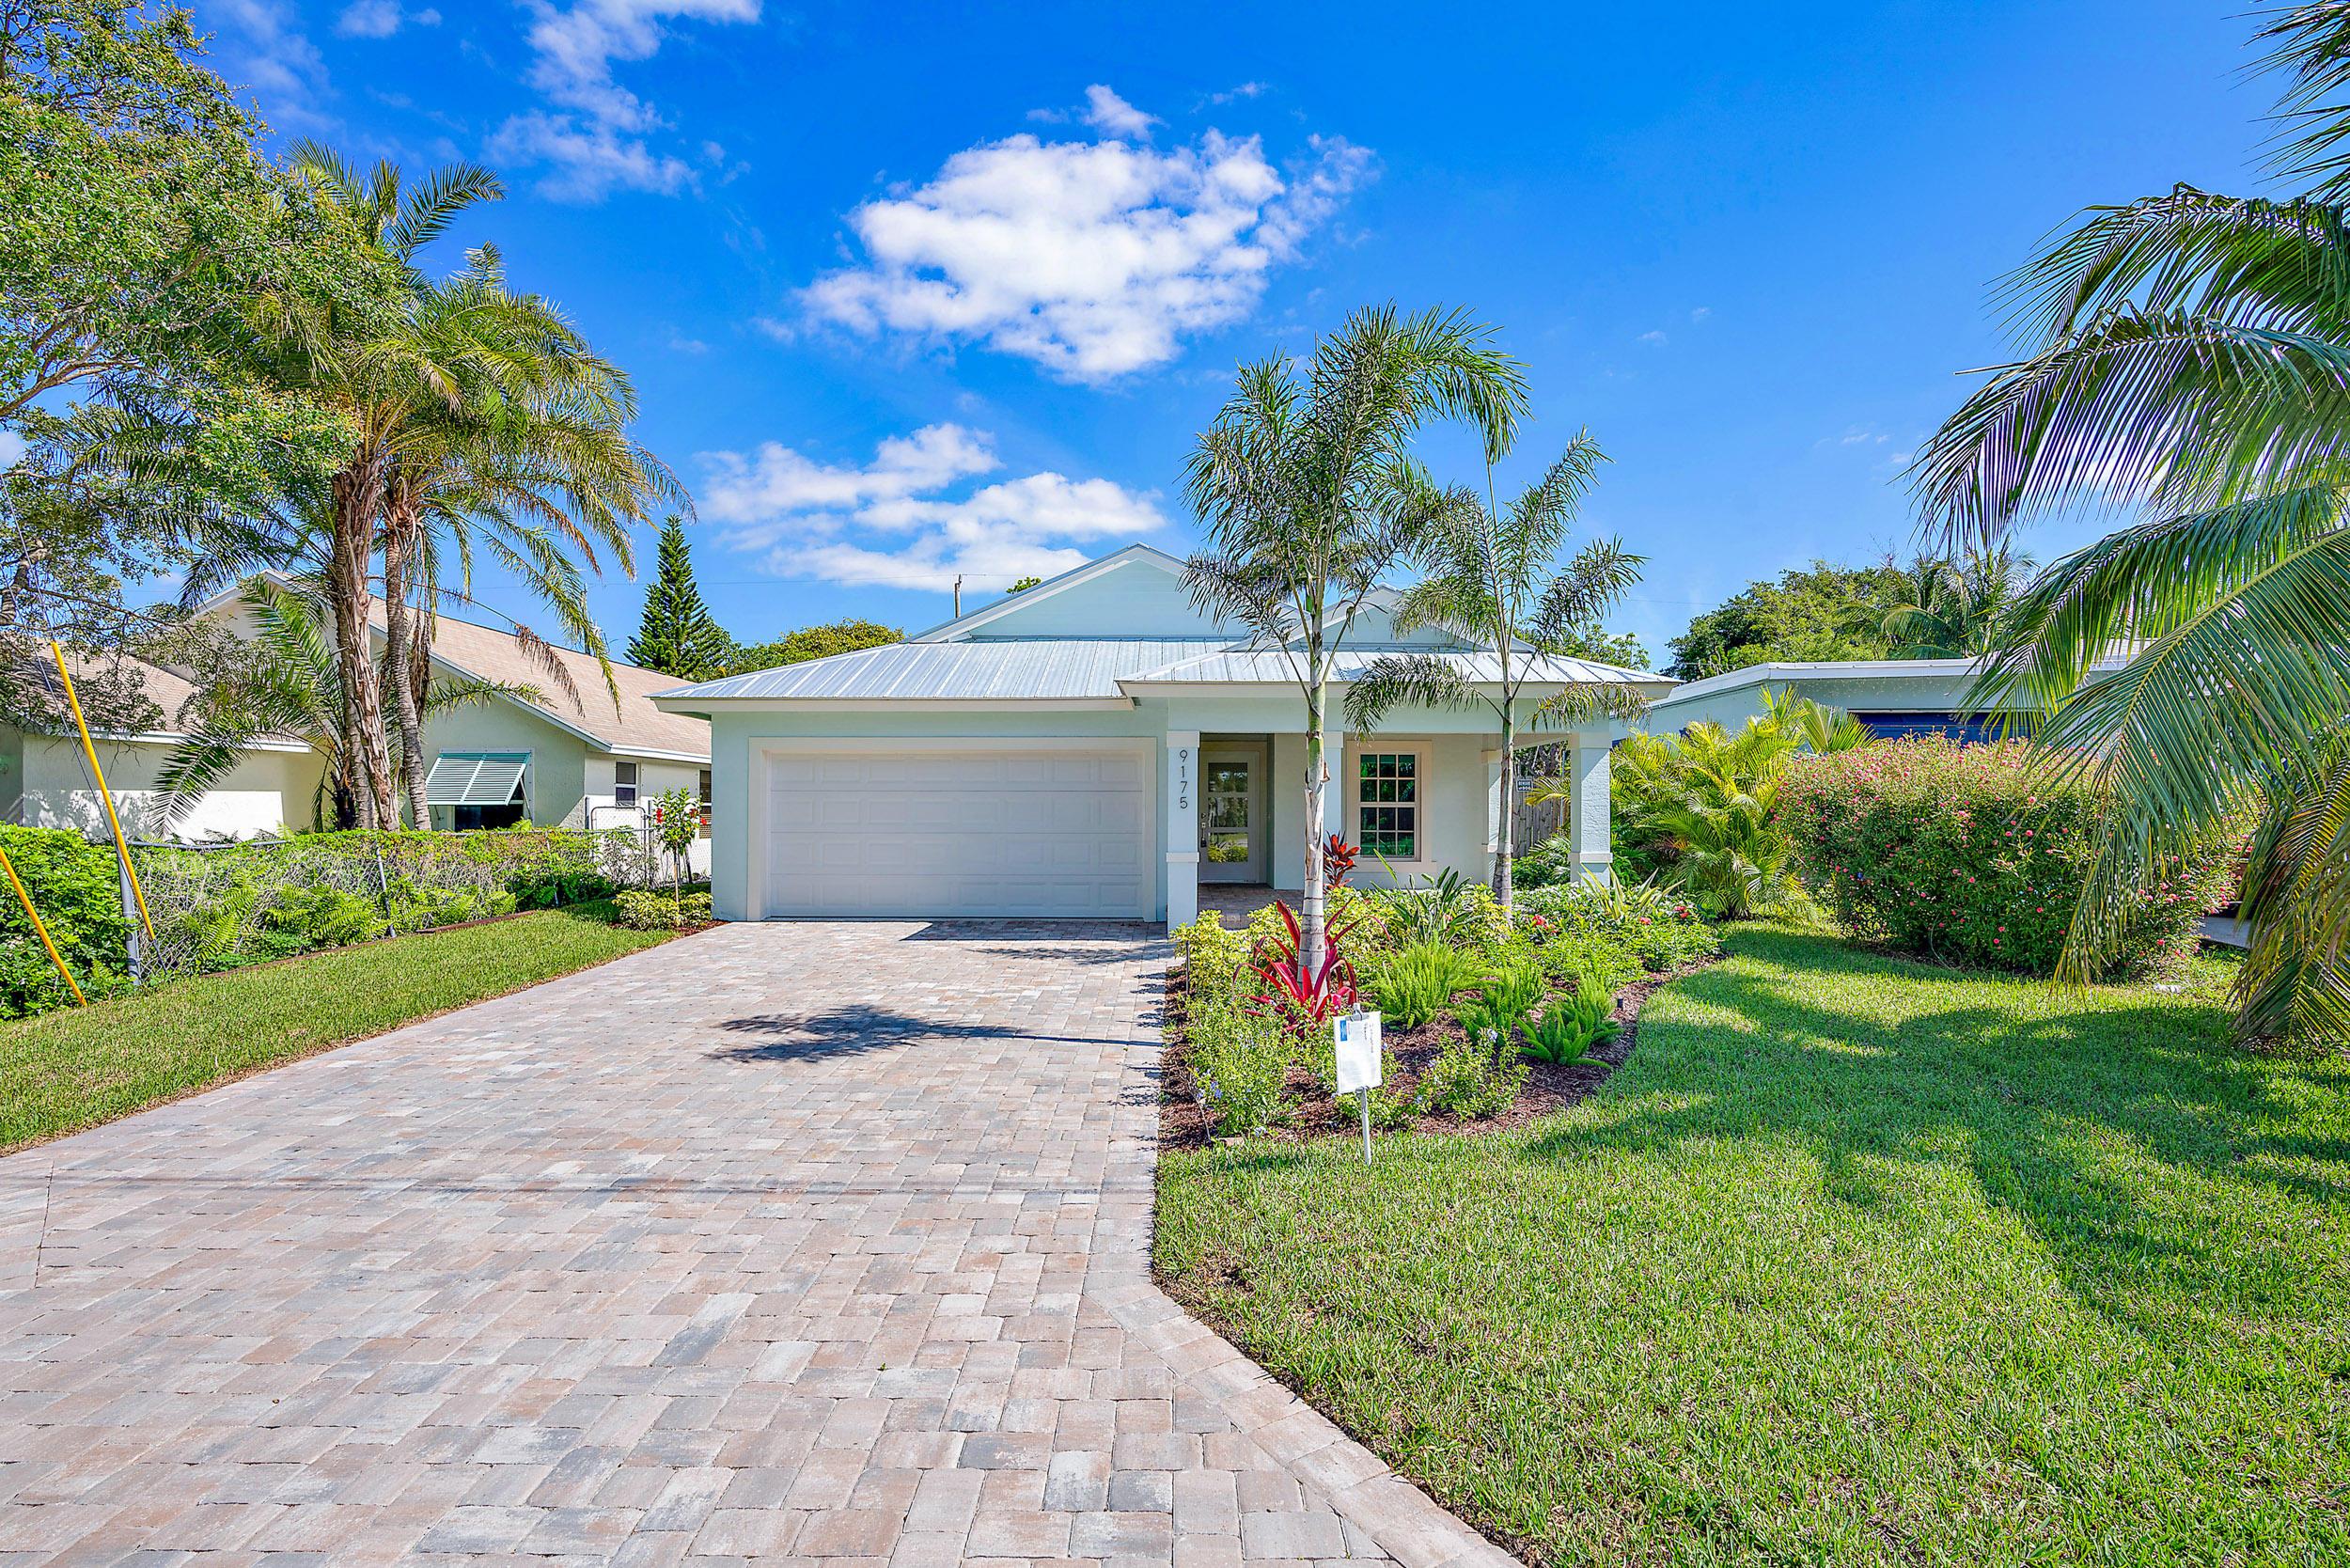 Photo of 9175 SE Athena Street, Hobe Sound, FL 33455